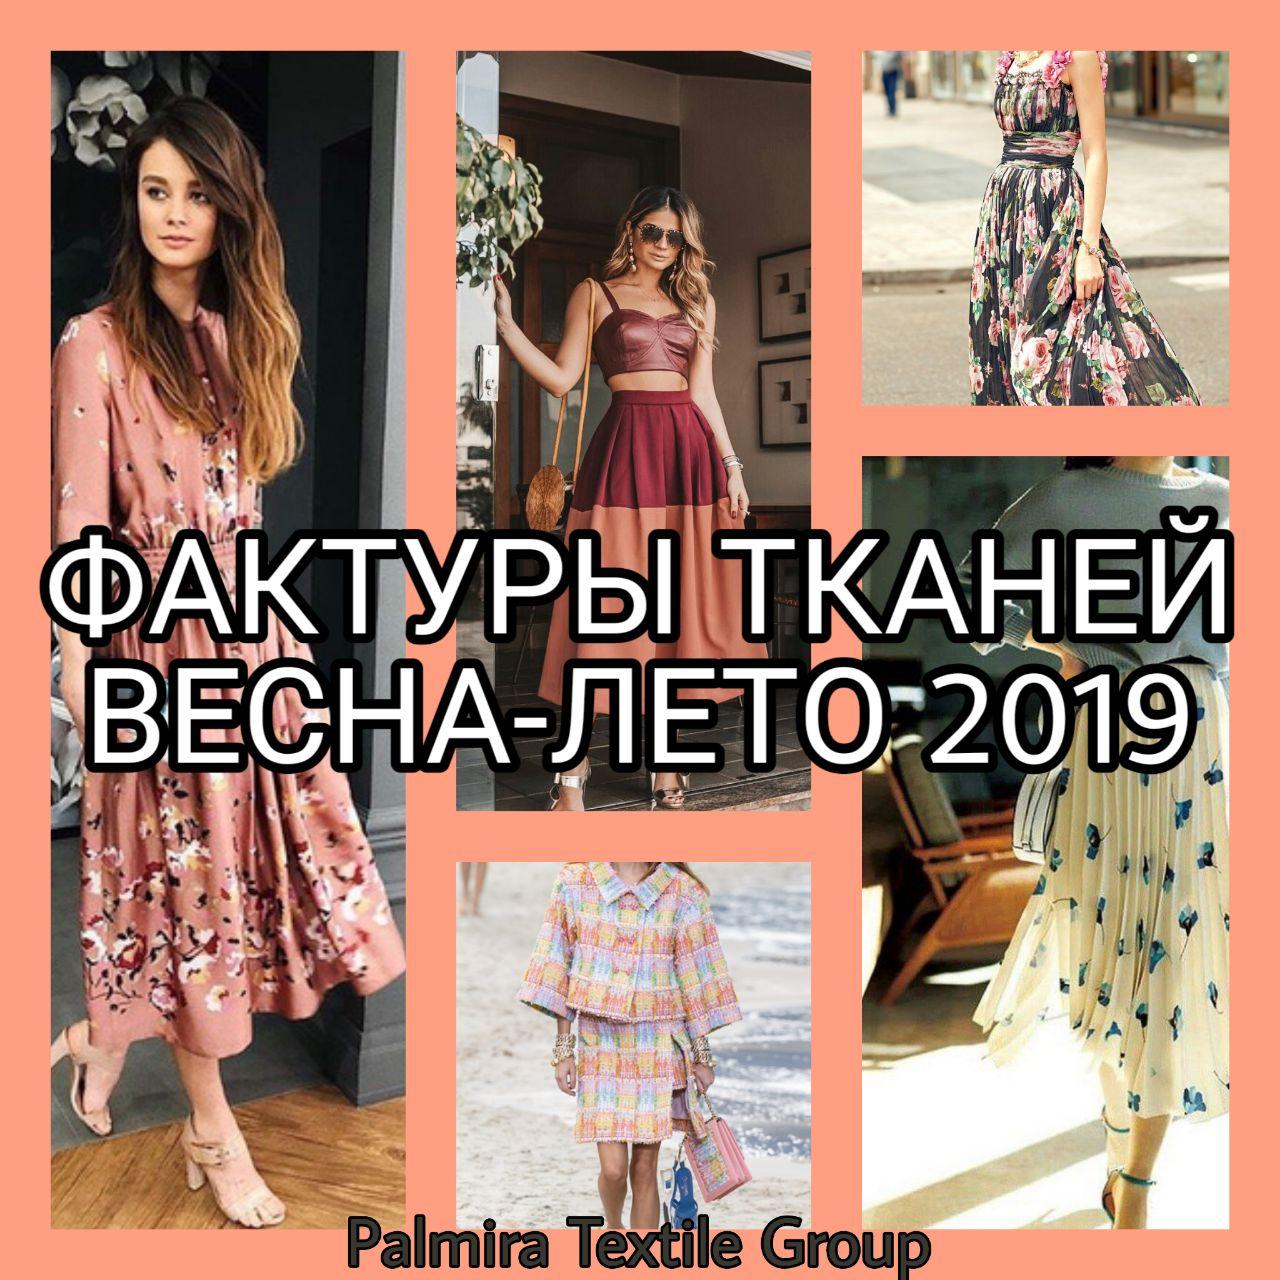 ткани купить оптом, купить ткань одесса, модные ткани купить, купить ткань недорого украина